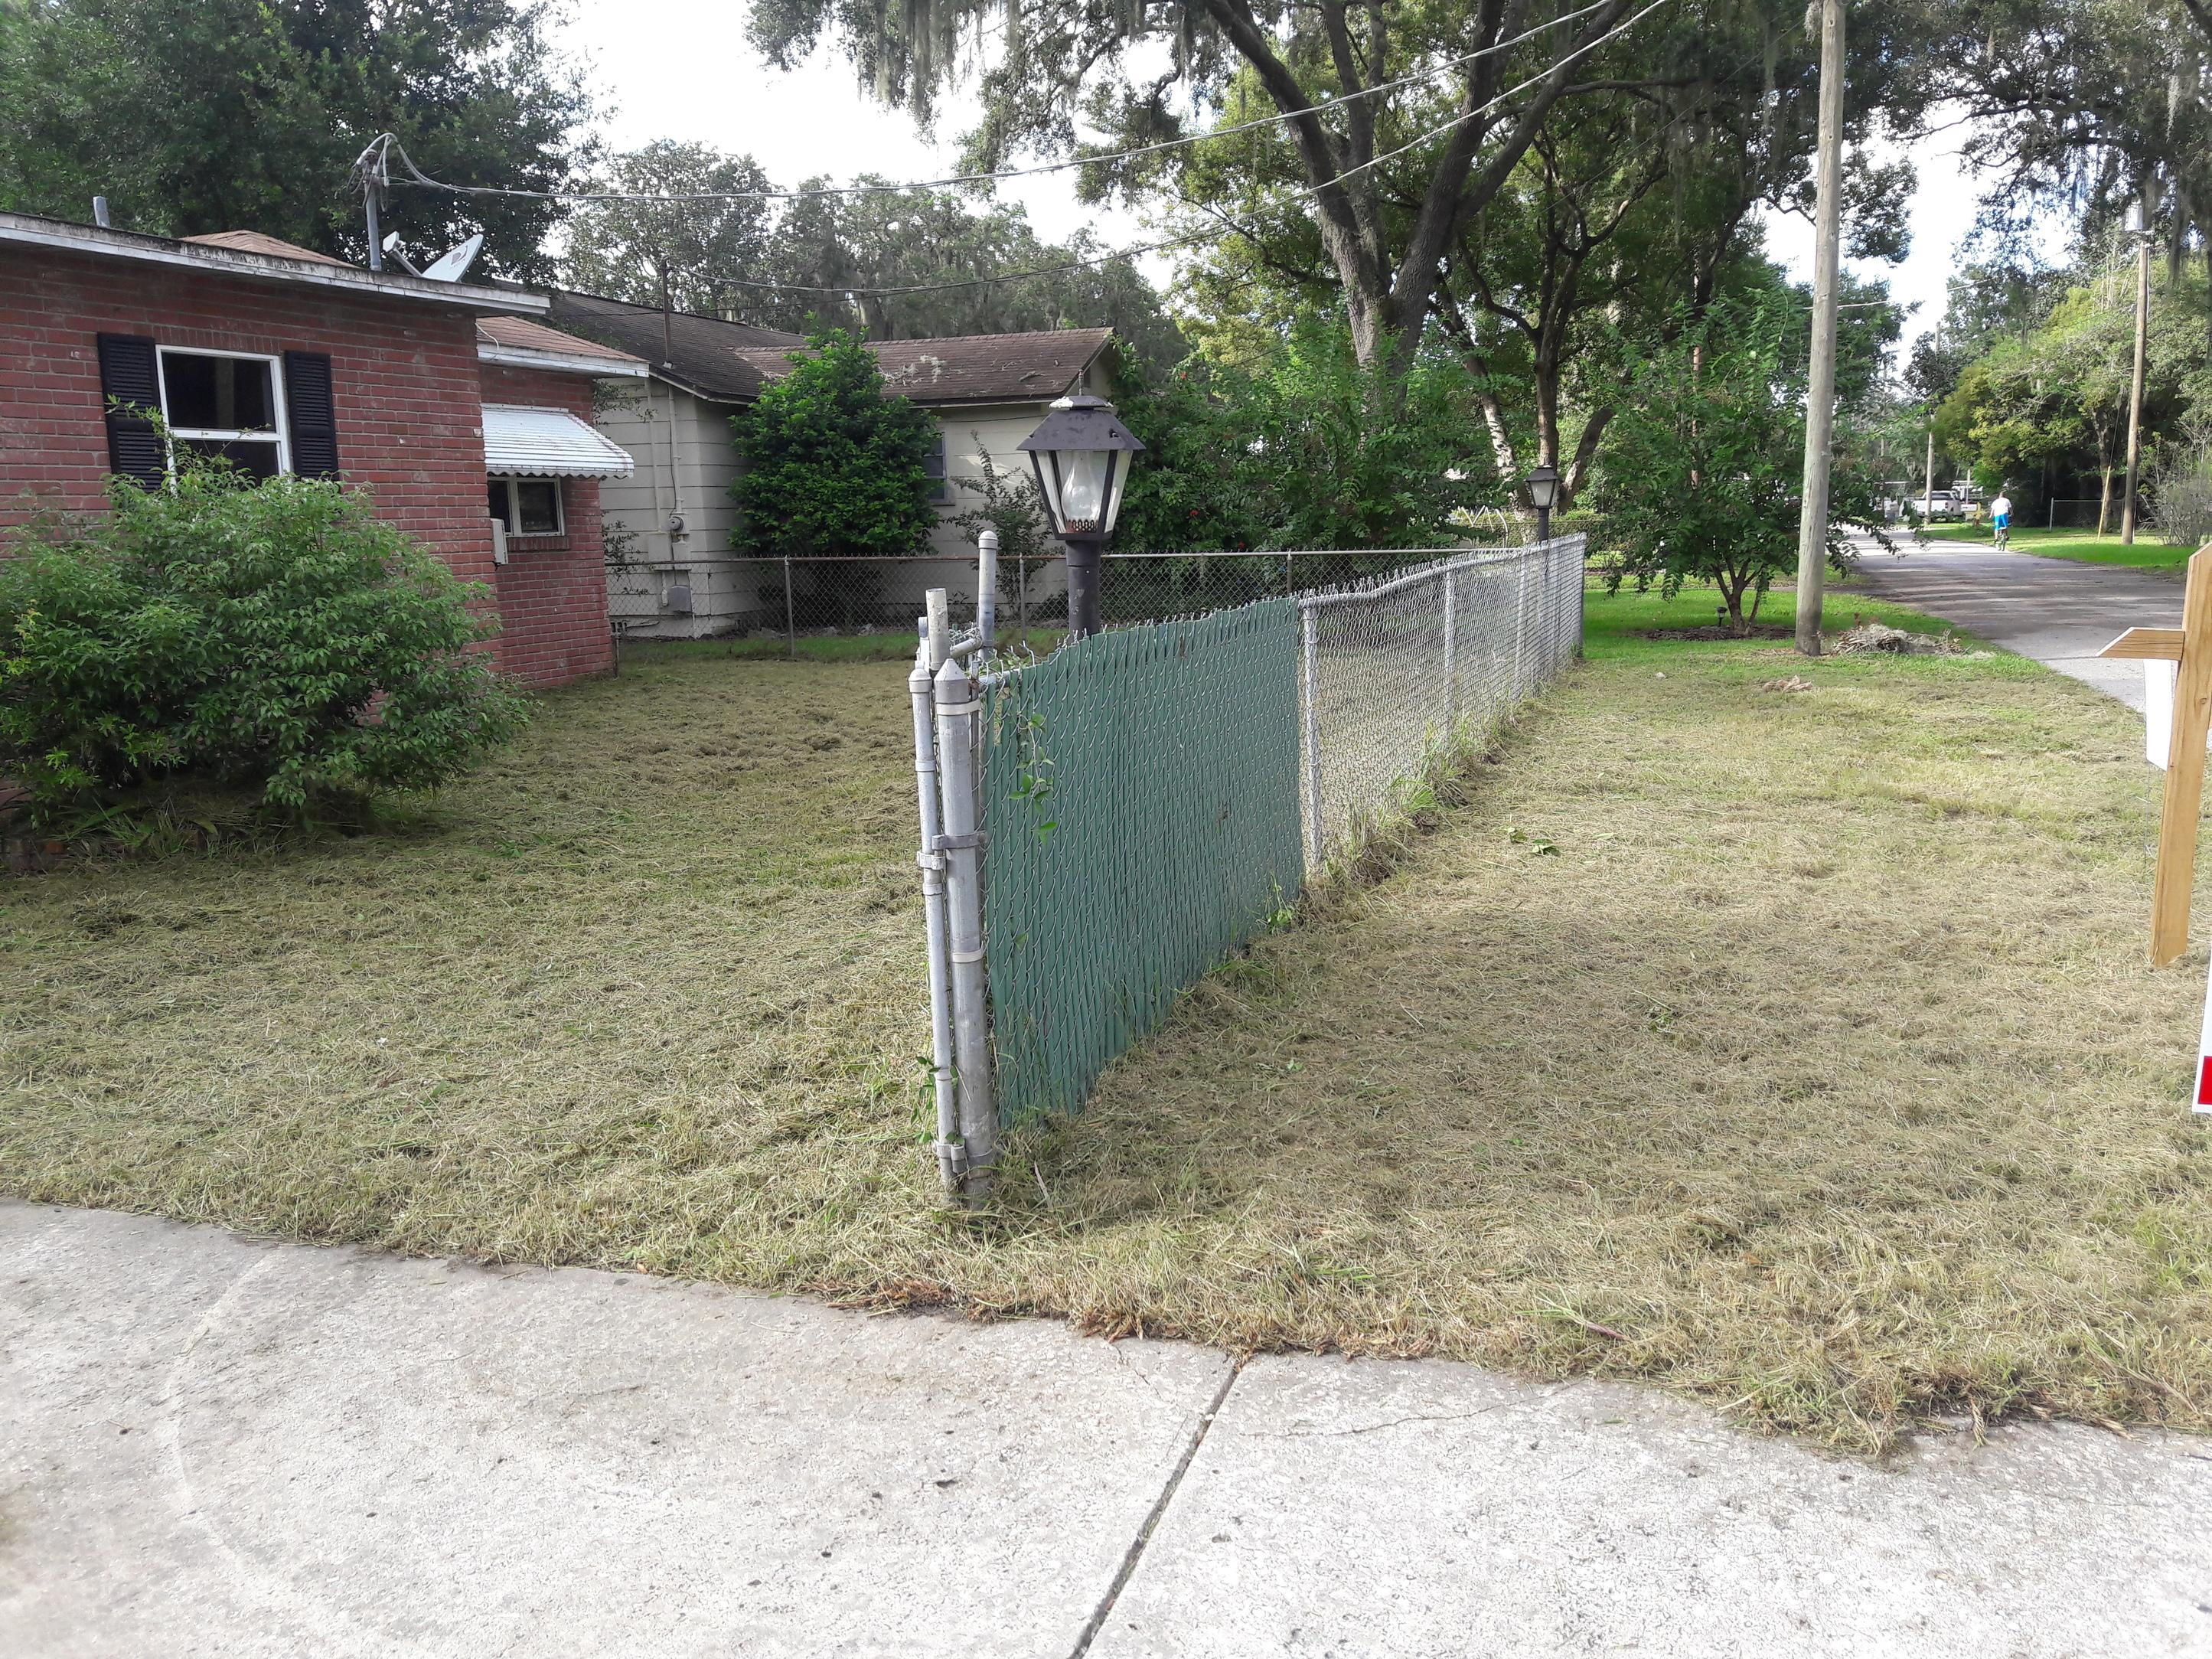 Lawn Care Service in Plant City, FL, 33566